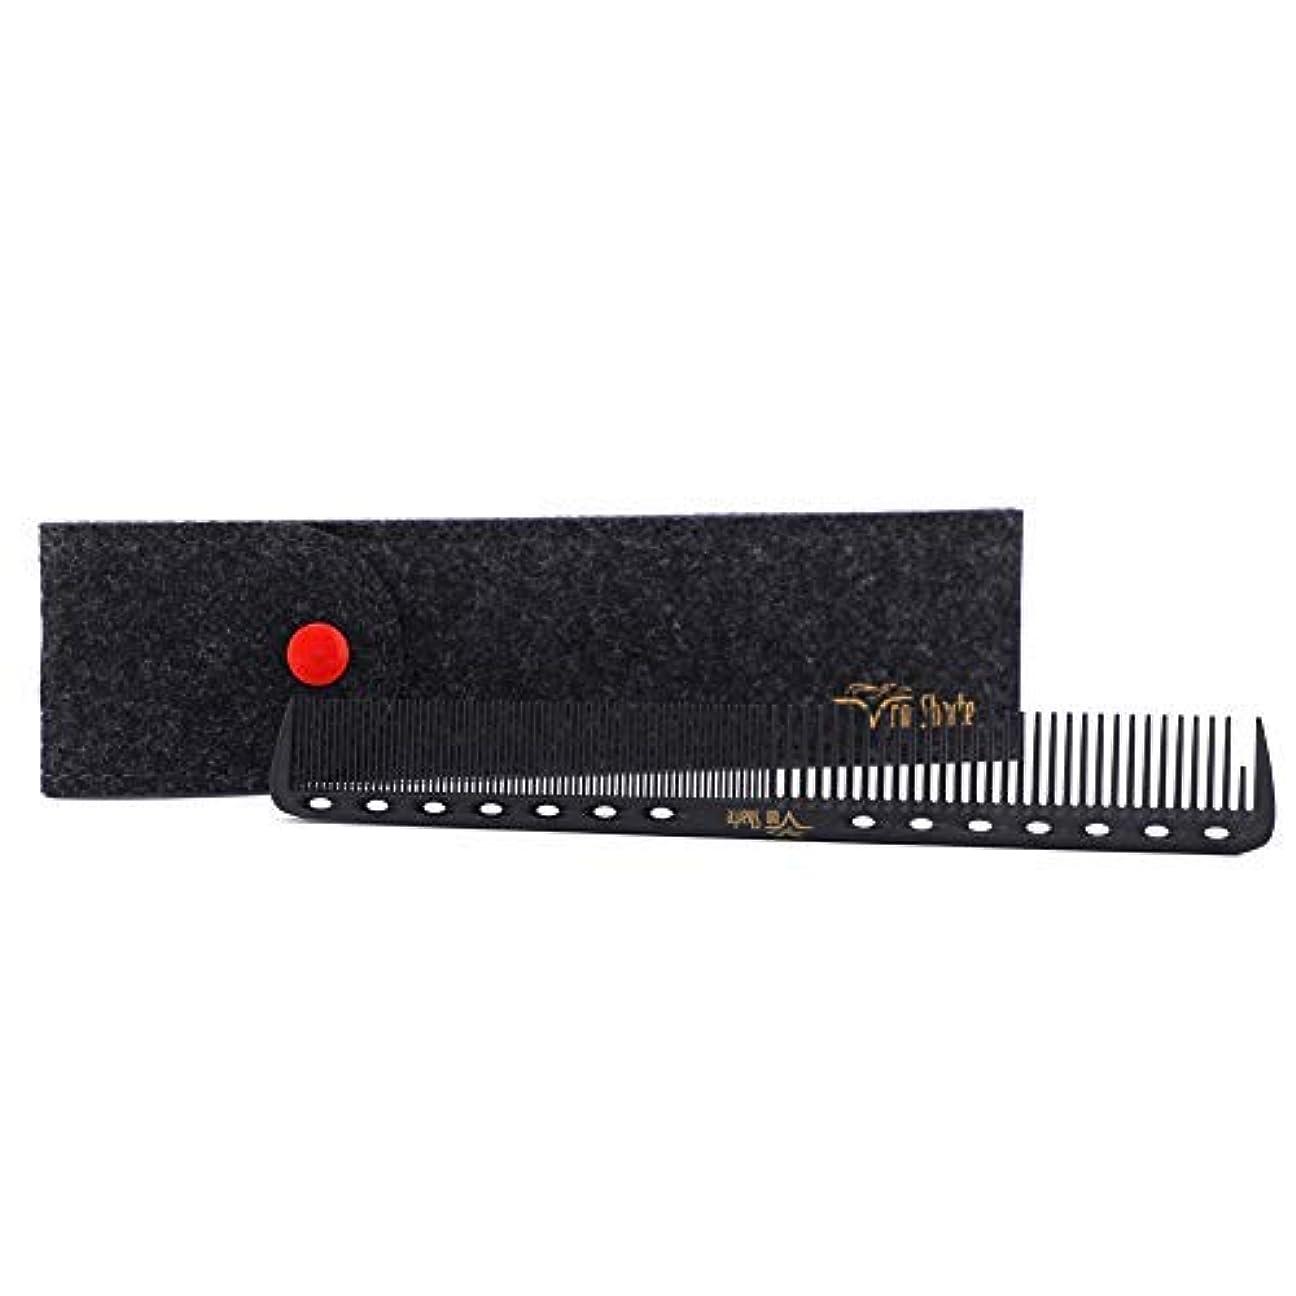 機知に富んだガイダンス勧めるBarber Comb,Hair Cutting Combs Carbon Fiber Salon Hairdressing Comb 100% Anti Static 230℃ Heat Resistant with Smooth Round Teeth Bristle for Hair Partition/Remove Knots/Hair Cutting/Dying/Styling [並行輸入品]